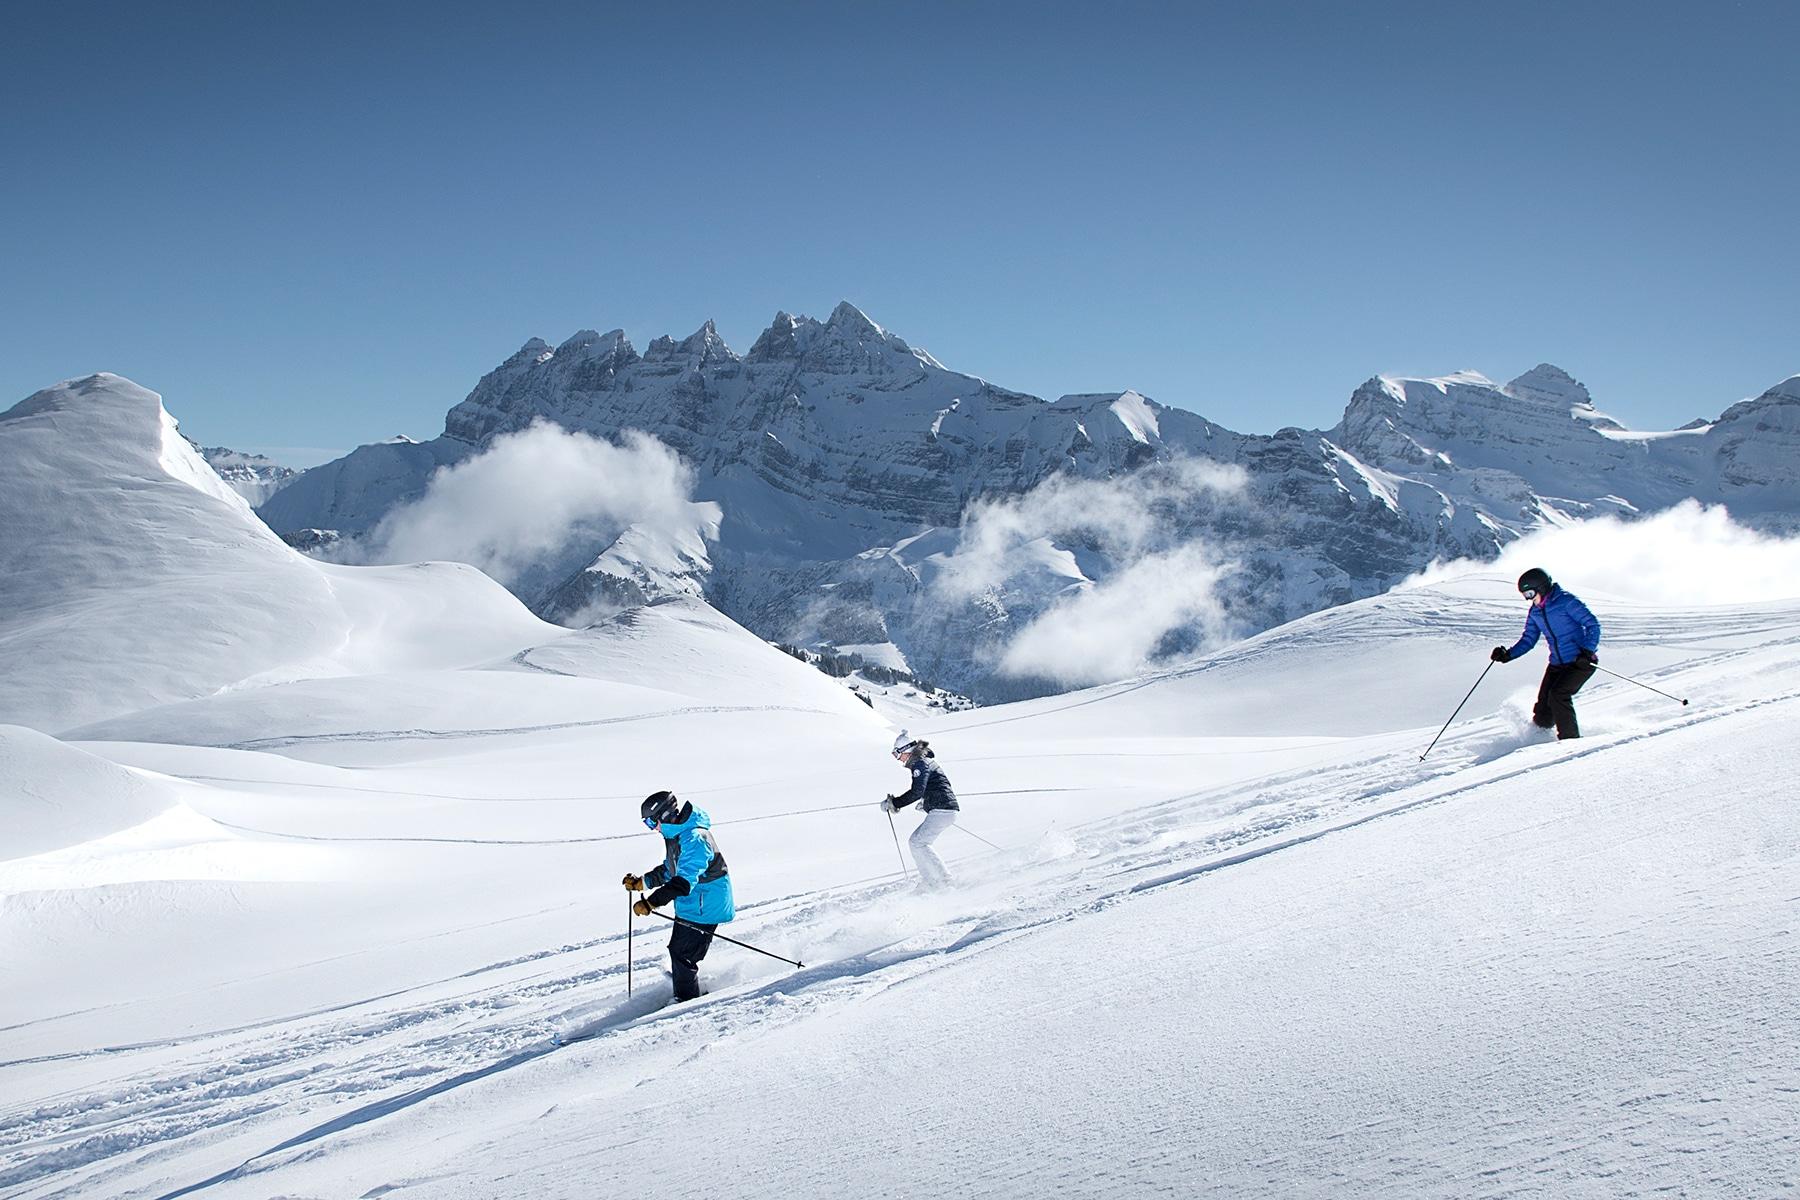 Les Portes du Soleil, 5stations de sports d'hiver françaises pour faire du grand ski